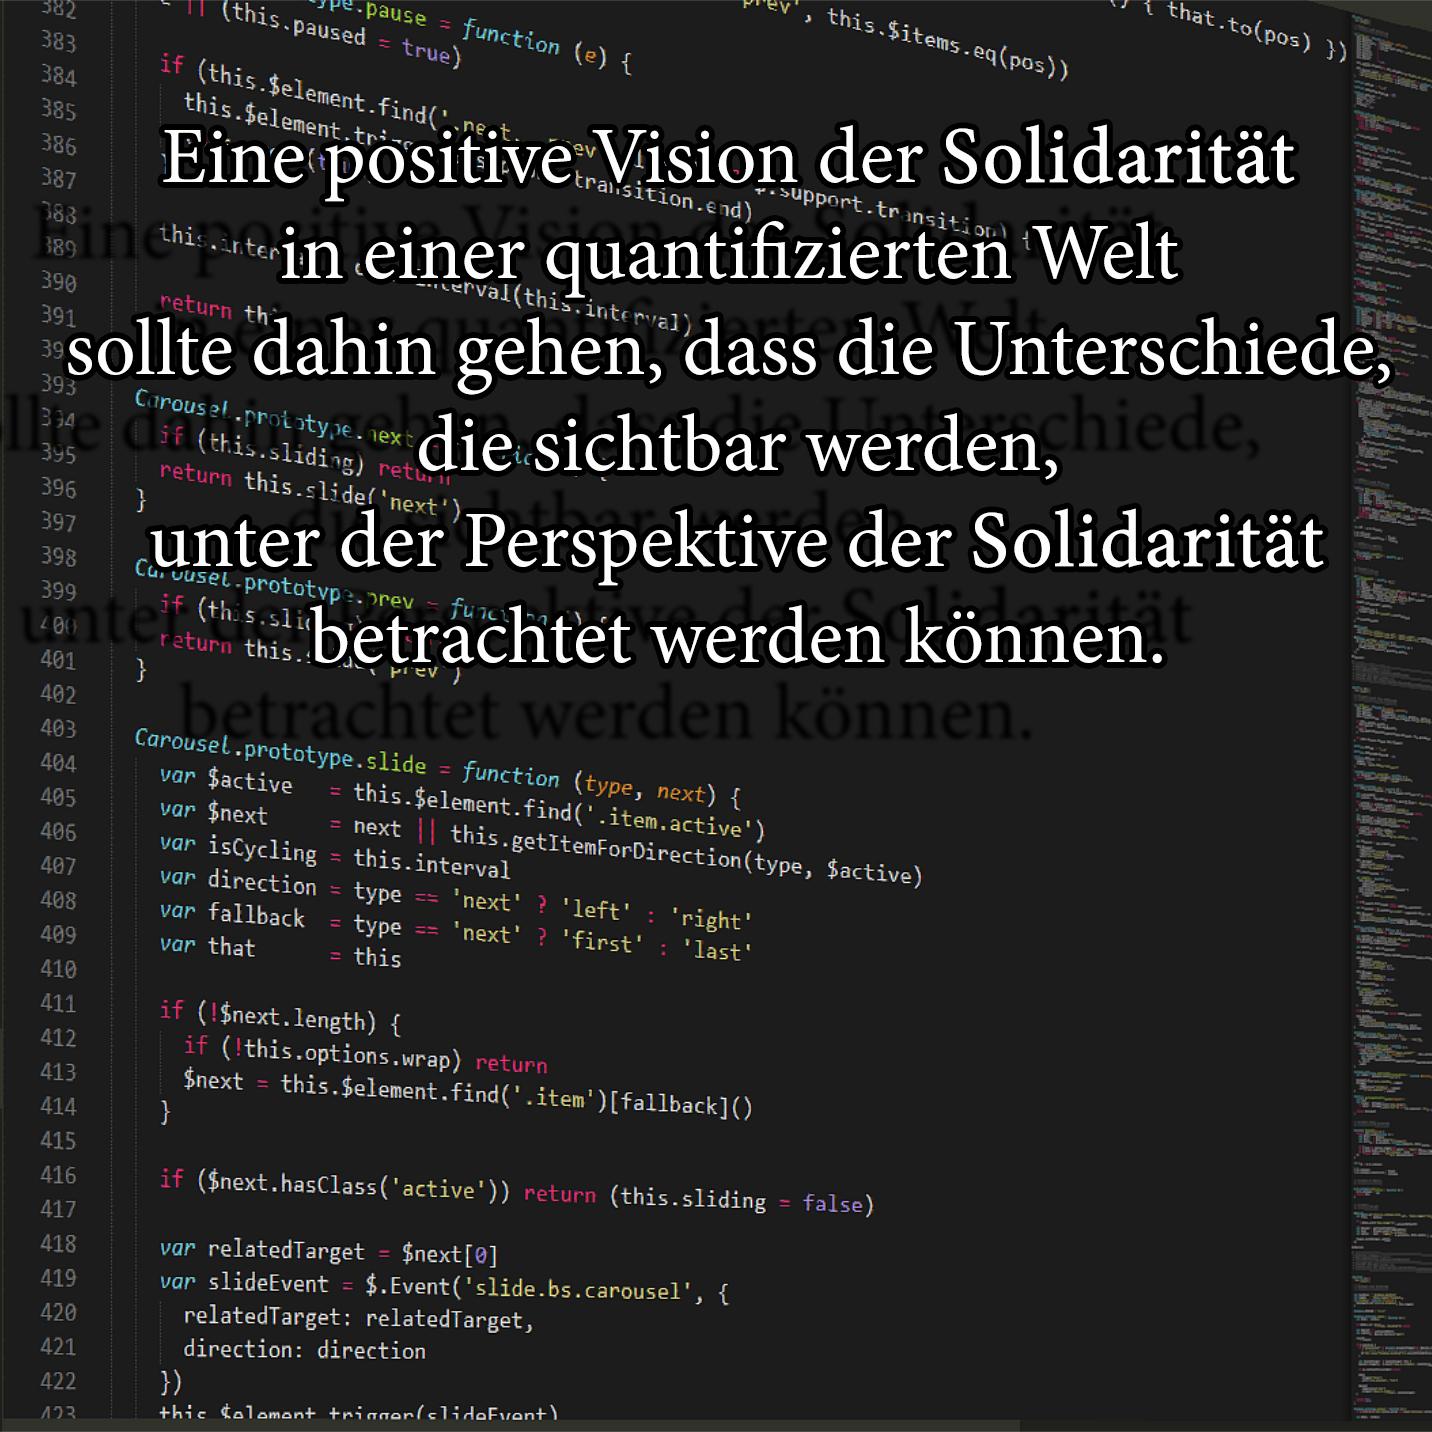 Eine positive Vision der Solidarität in einer quantifizierten Welt sollte dahin gehen, dass die Unterschiede, die sichtbar werden, unter der Perspektive der Solidarität betrachtet werden können.